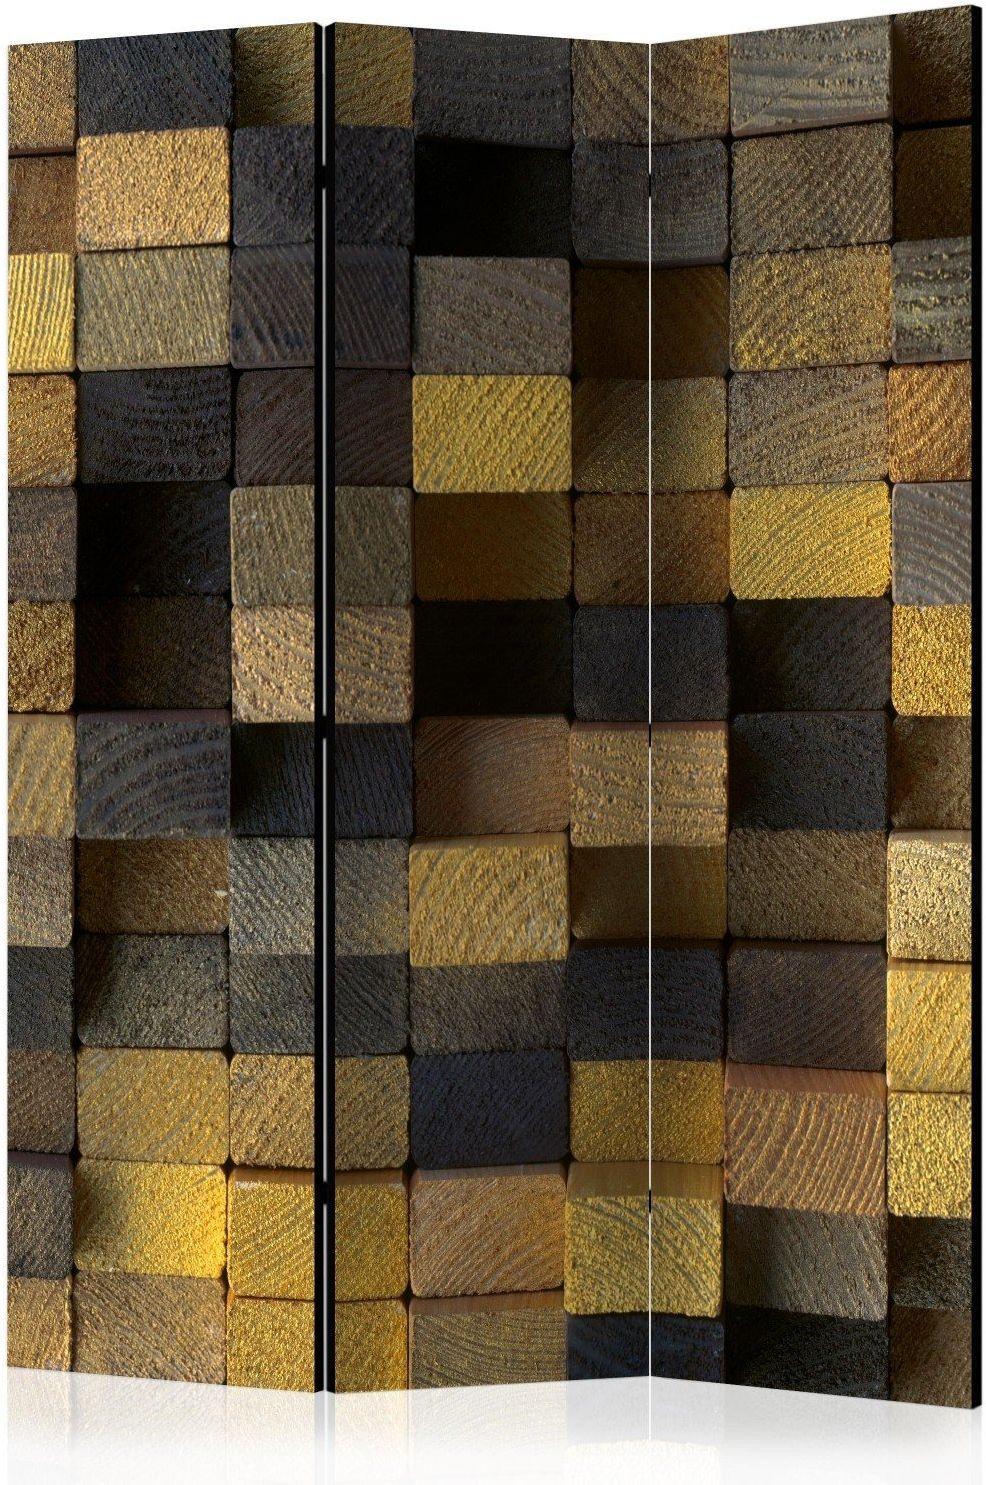 Parawan 3-częściowy - drewniane kostki [room dividers]